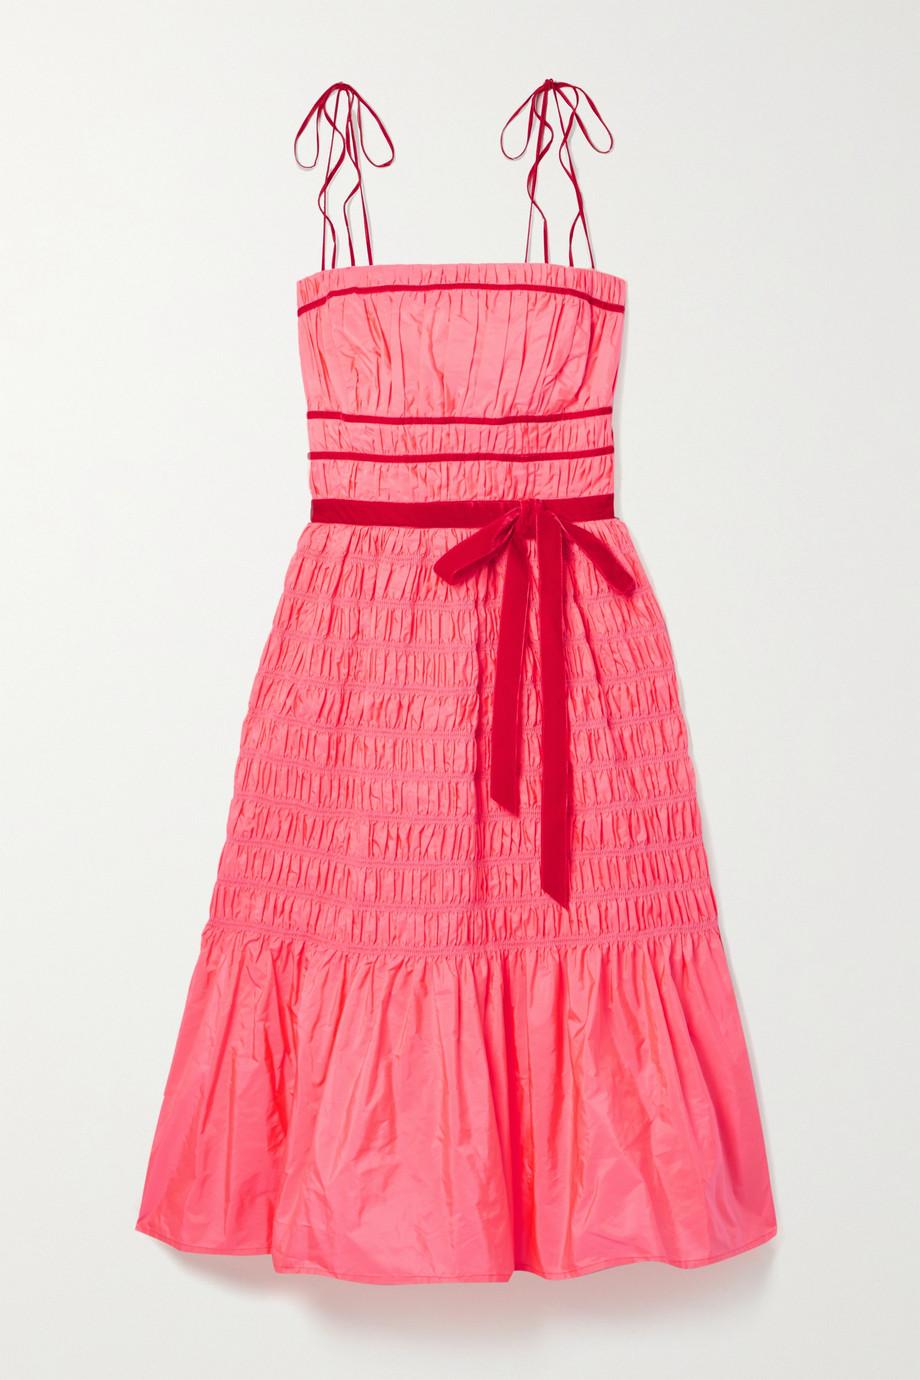 Molly Goddard Joyce velvet-trimmed shirred taffeta dress